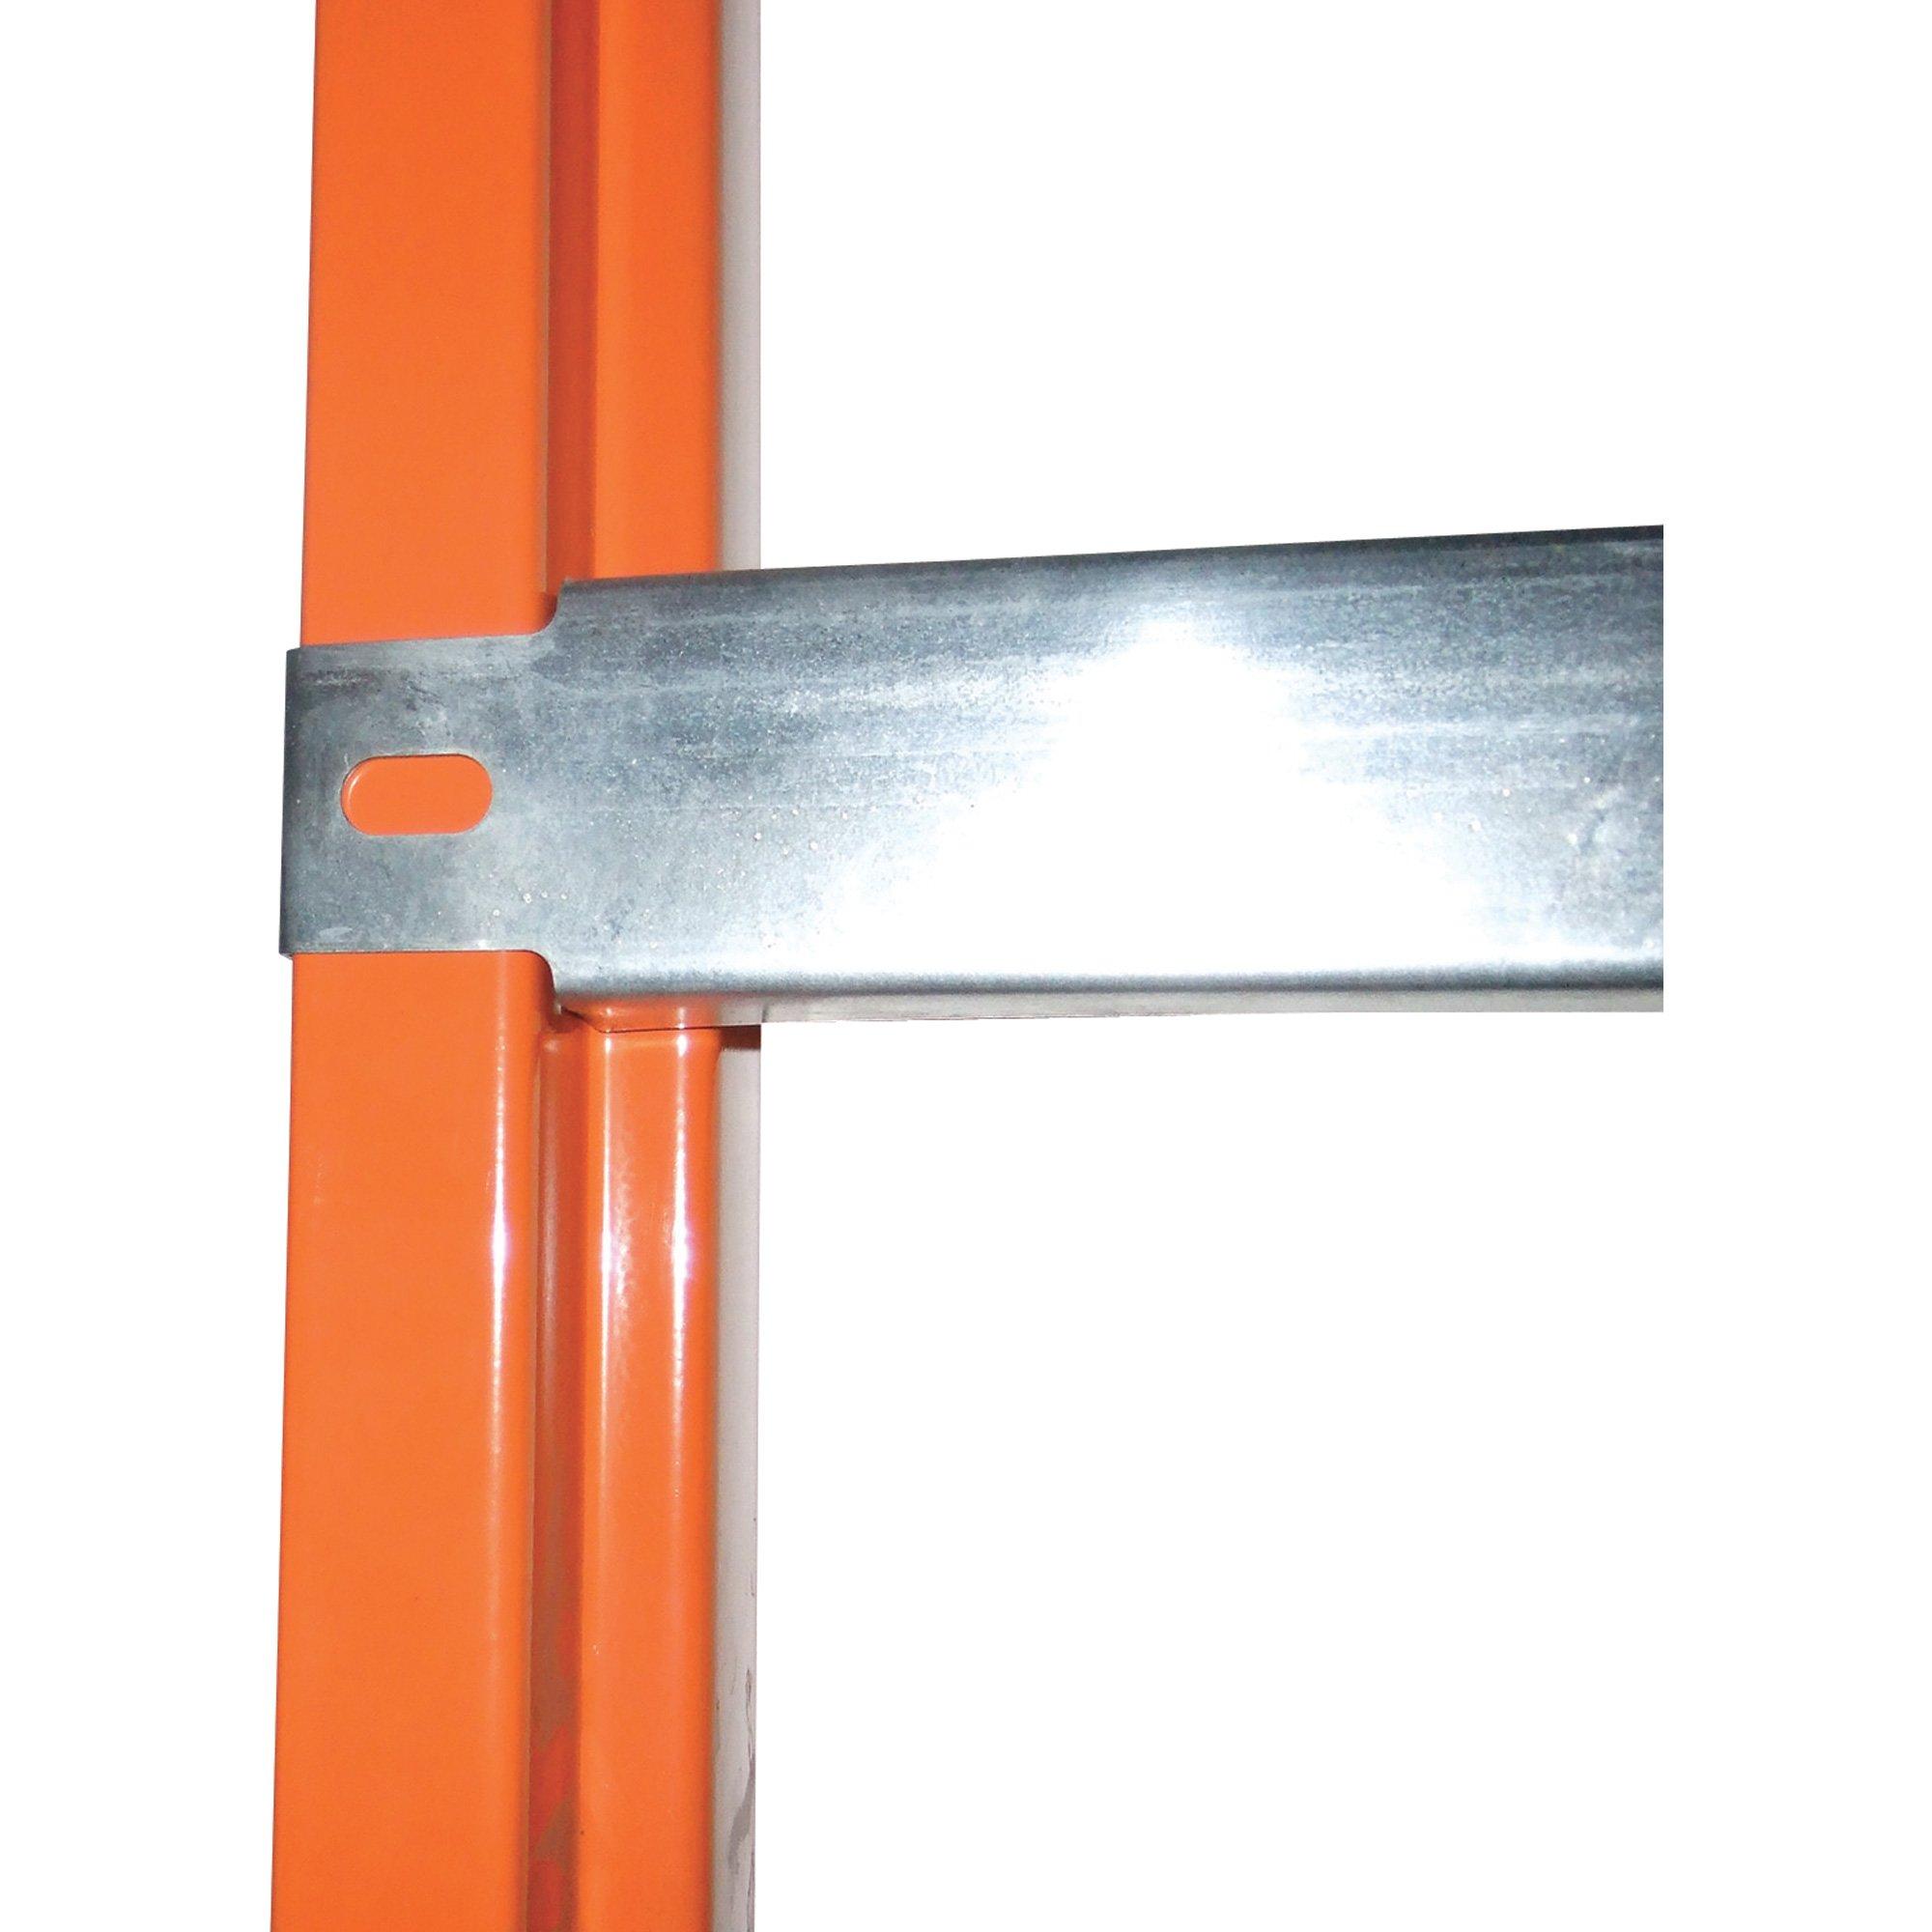 AK Industrial Rack Safety Bar - 42in., Model# AKCROSSBAR42